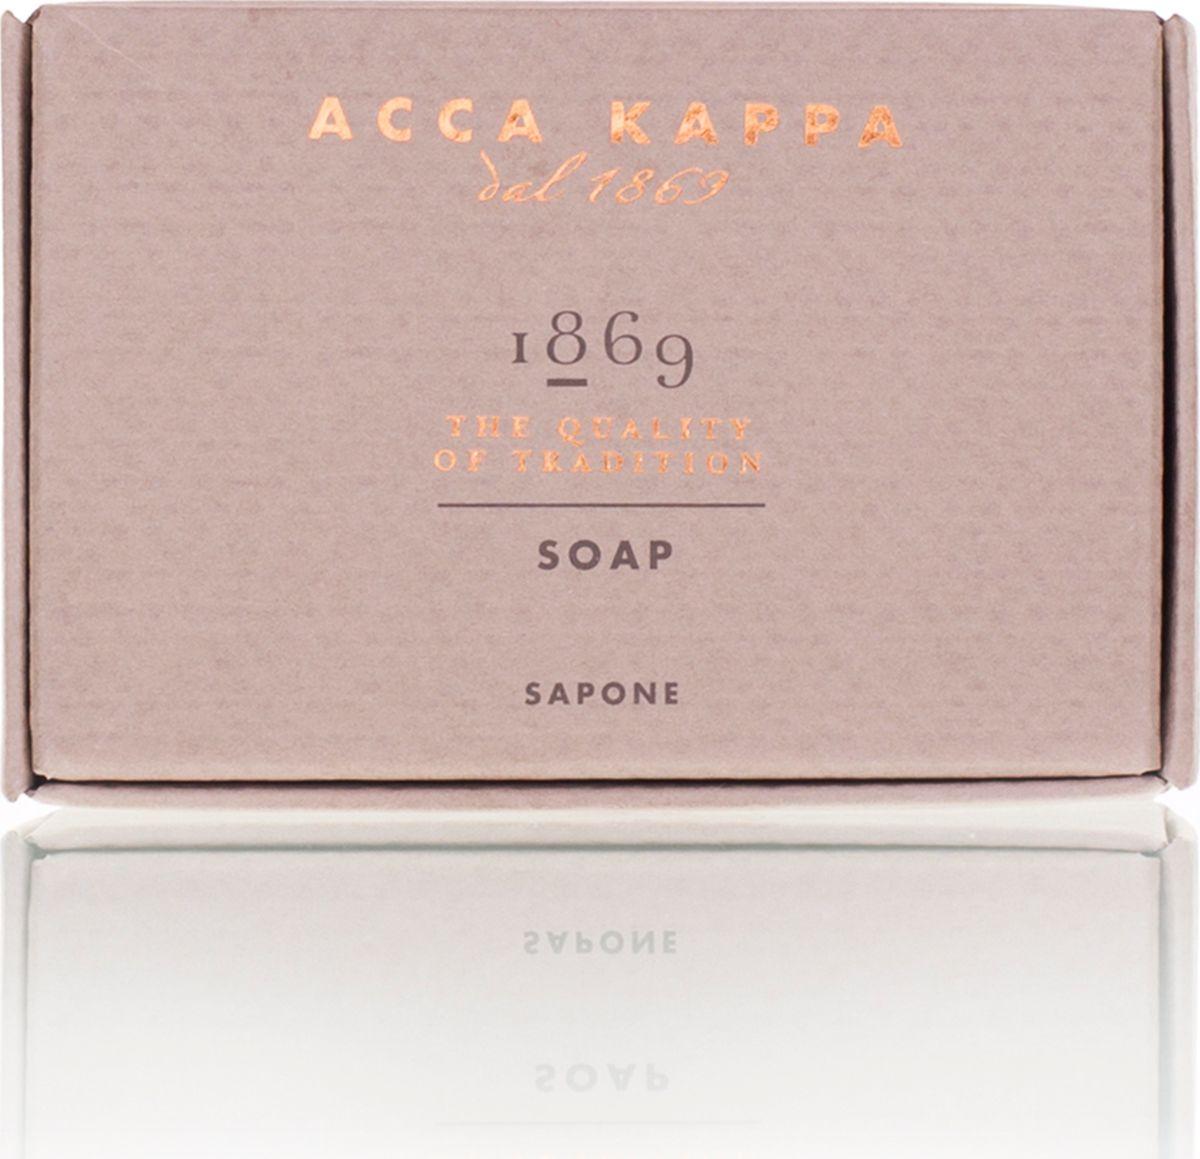 Acca Kappa Мыло туалетное 1869 100 гр5010777139655Мыло создано с использованием традиционных методов из сырья исключительно растительного происхождения.